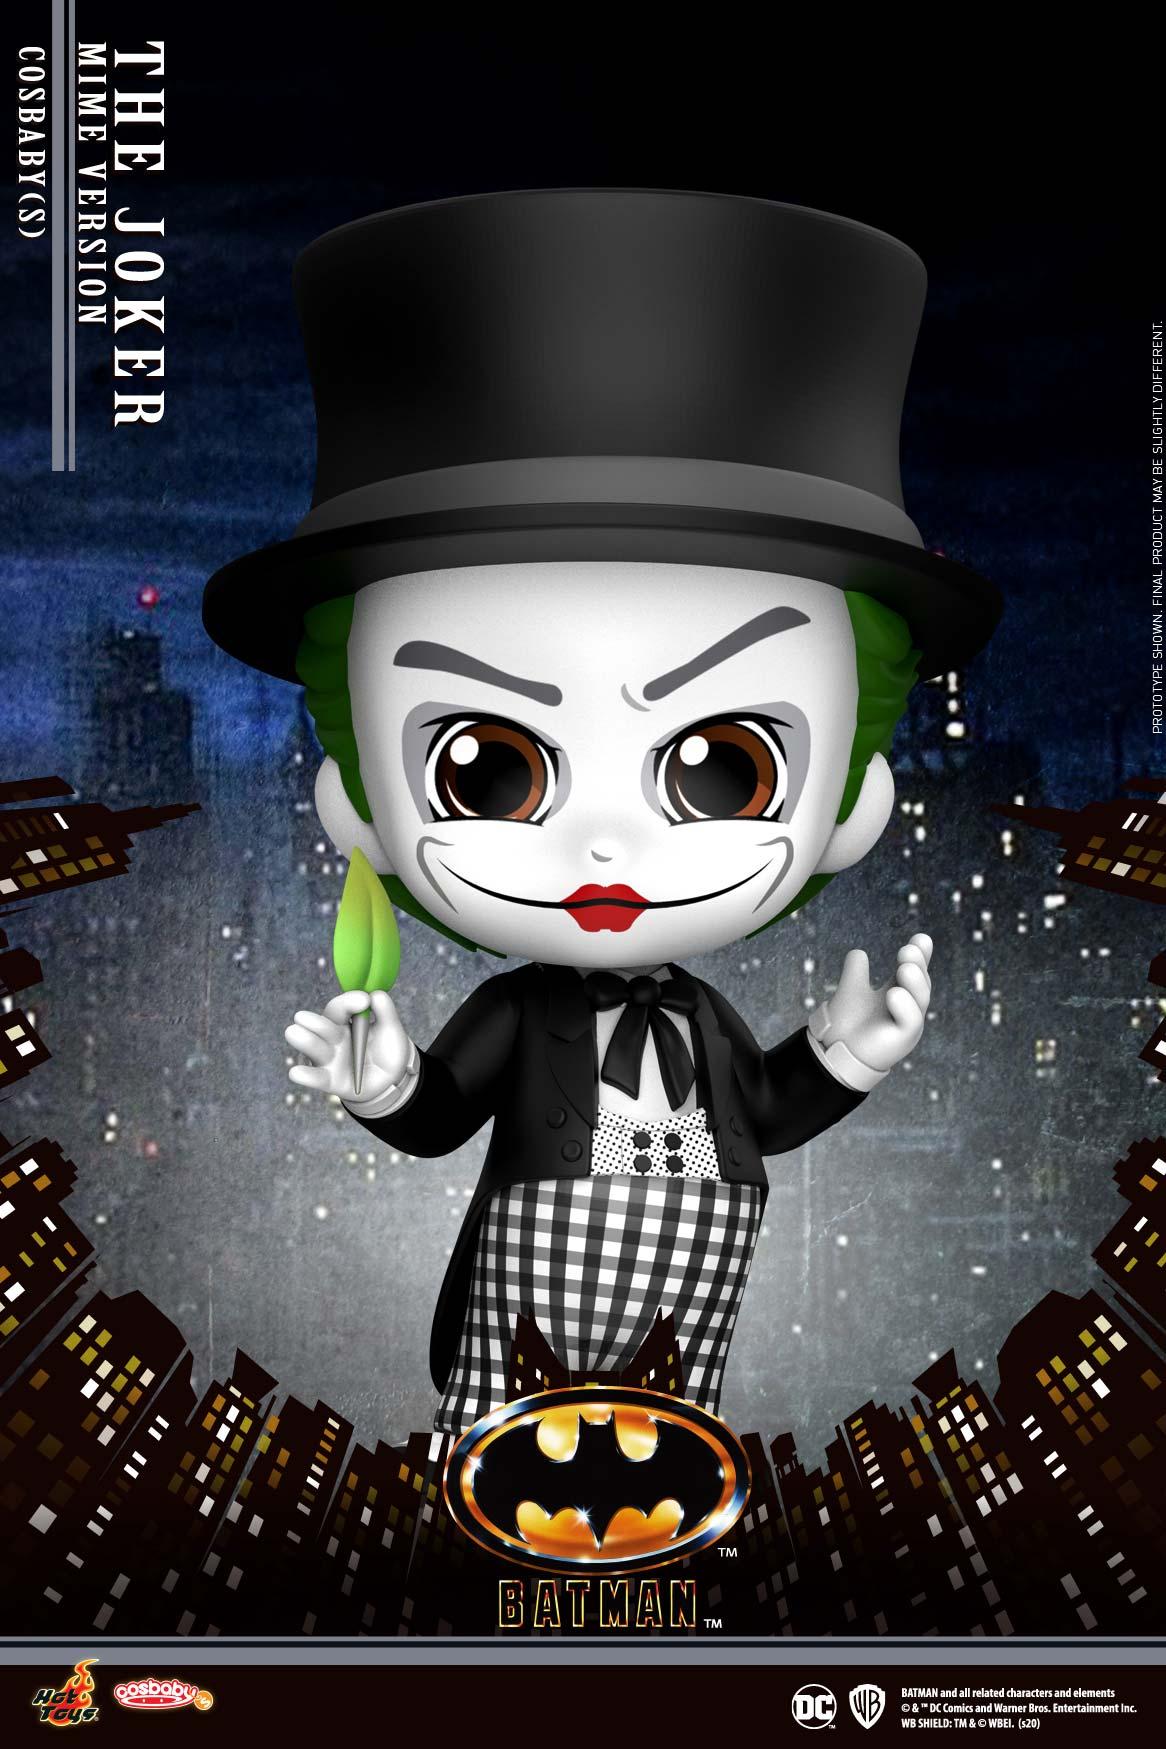 Batman-1989_COSB713_The-Joker-(Mime)_V01